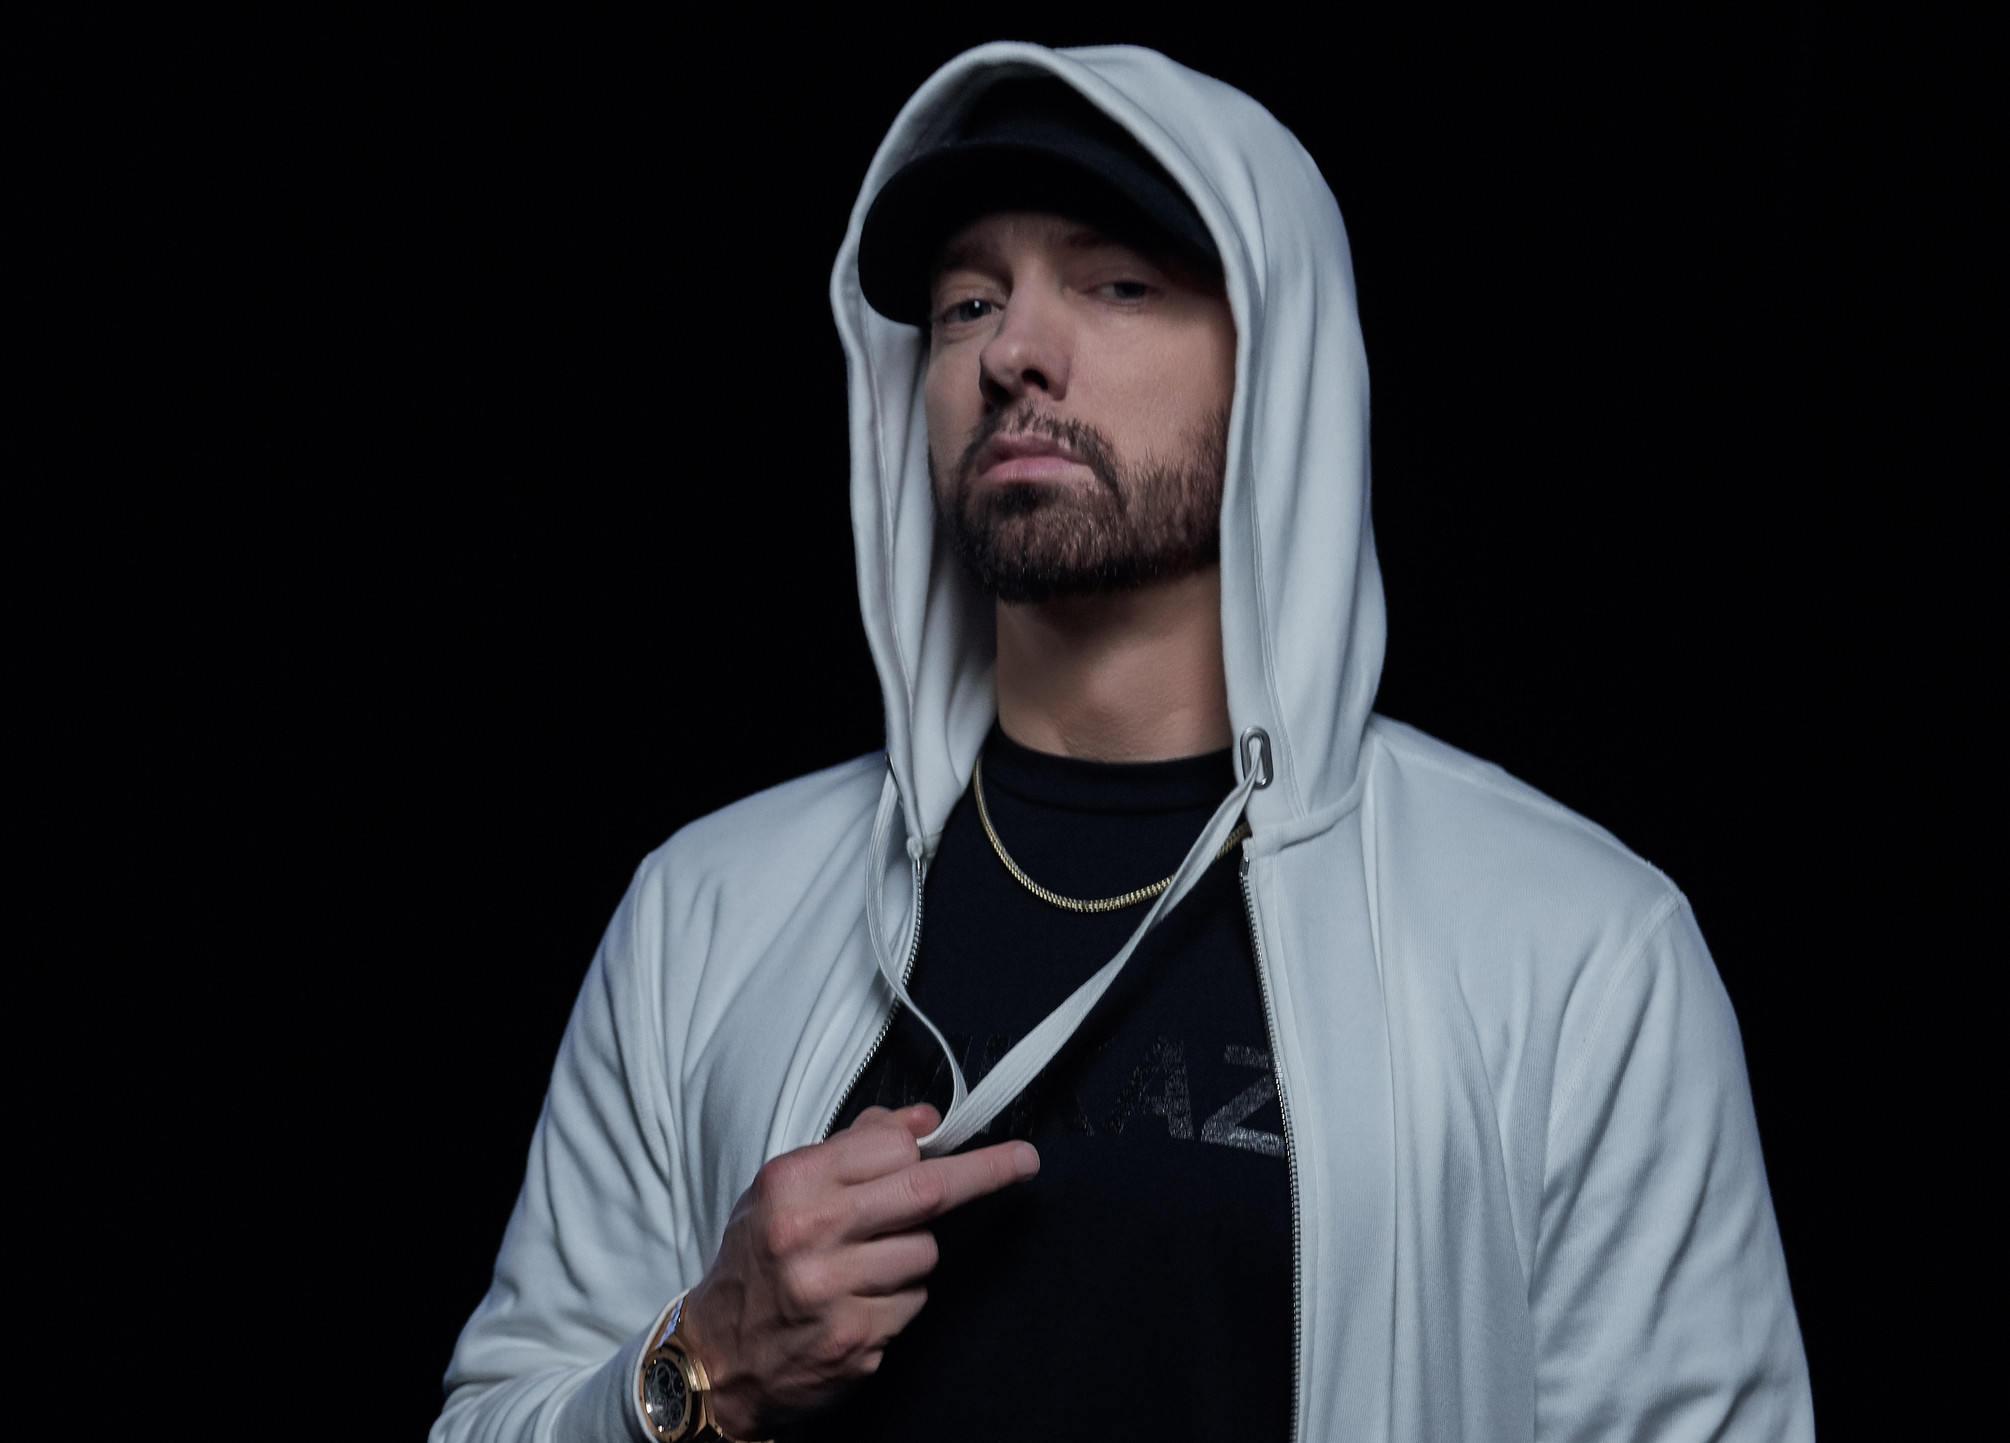 Eminem wearing a hoody